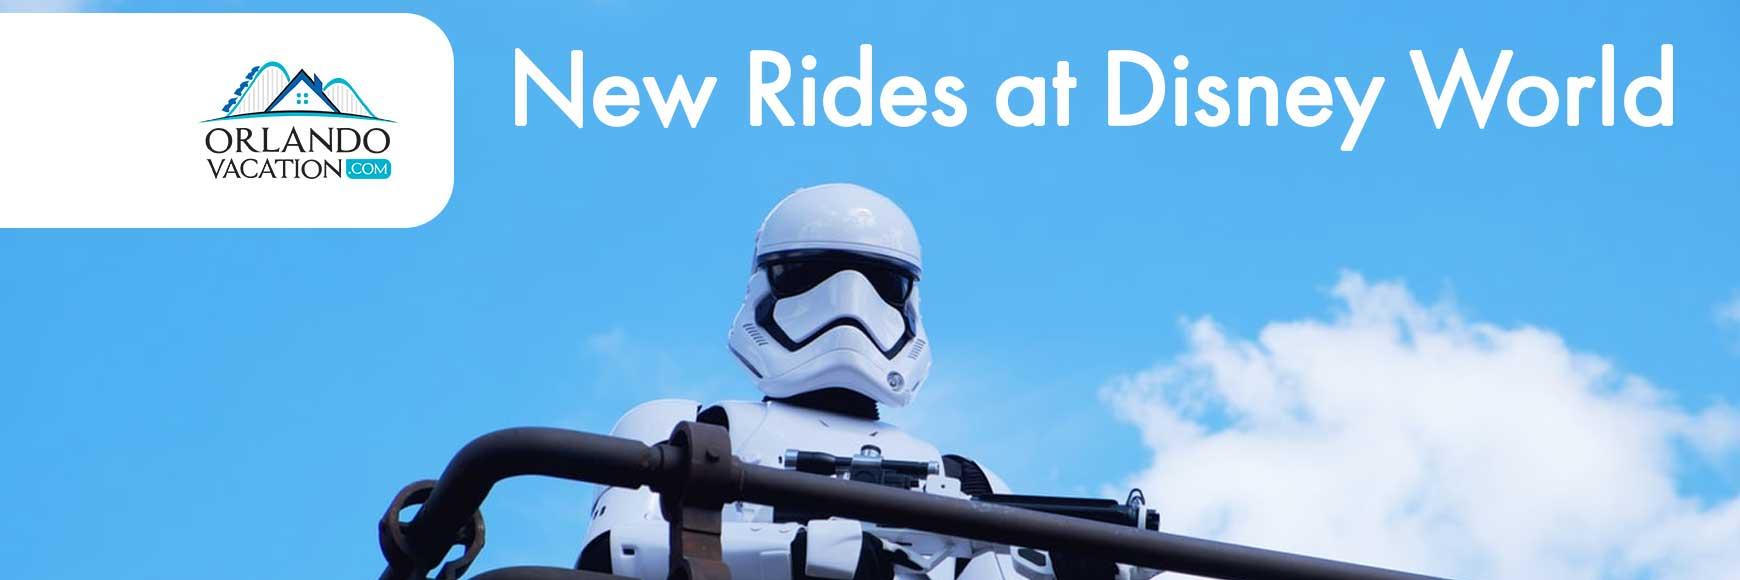 New Rides at Disney